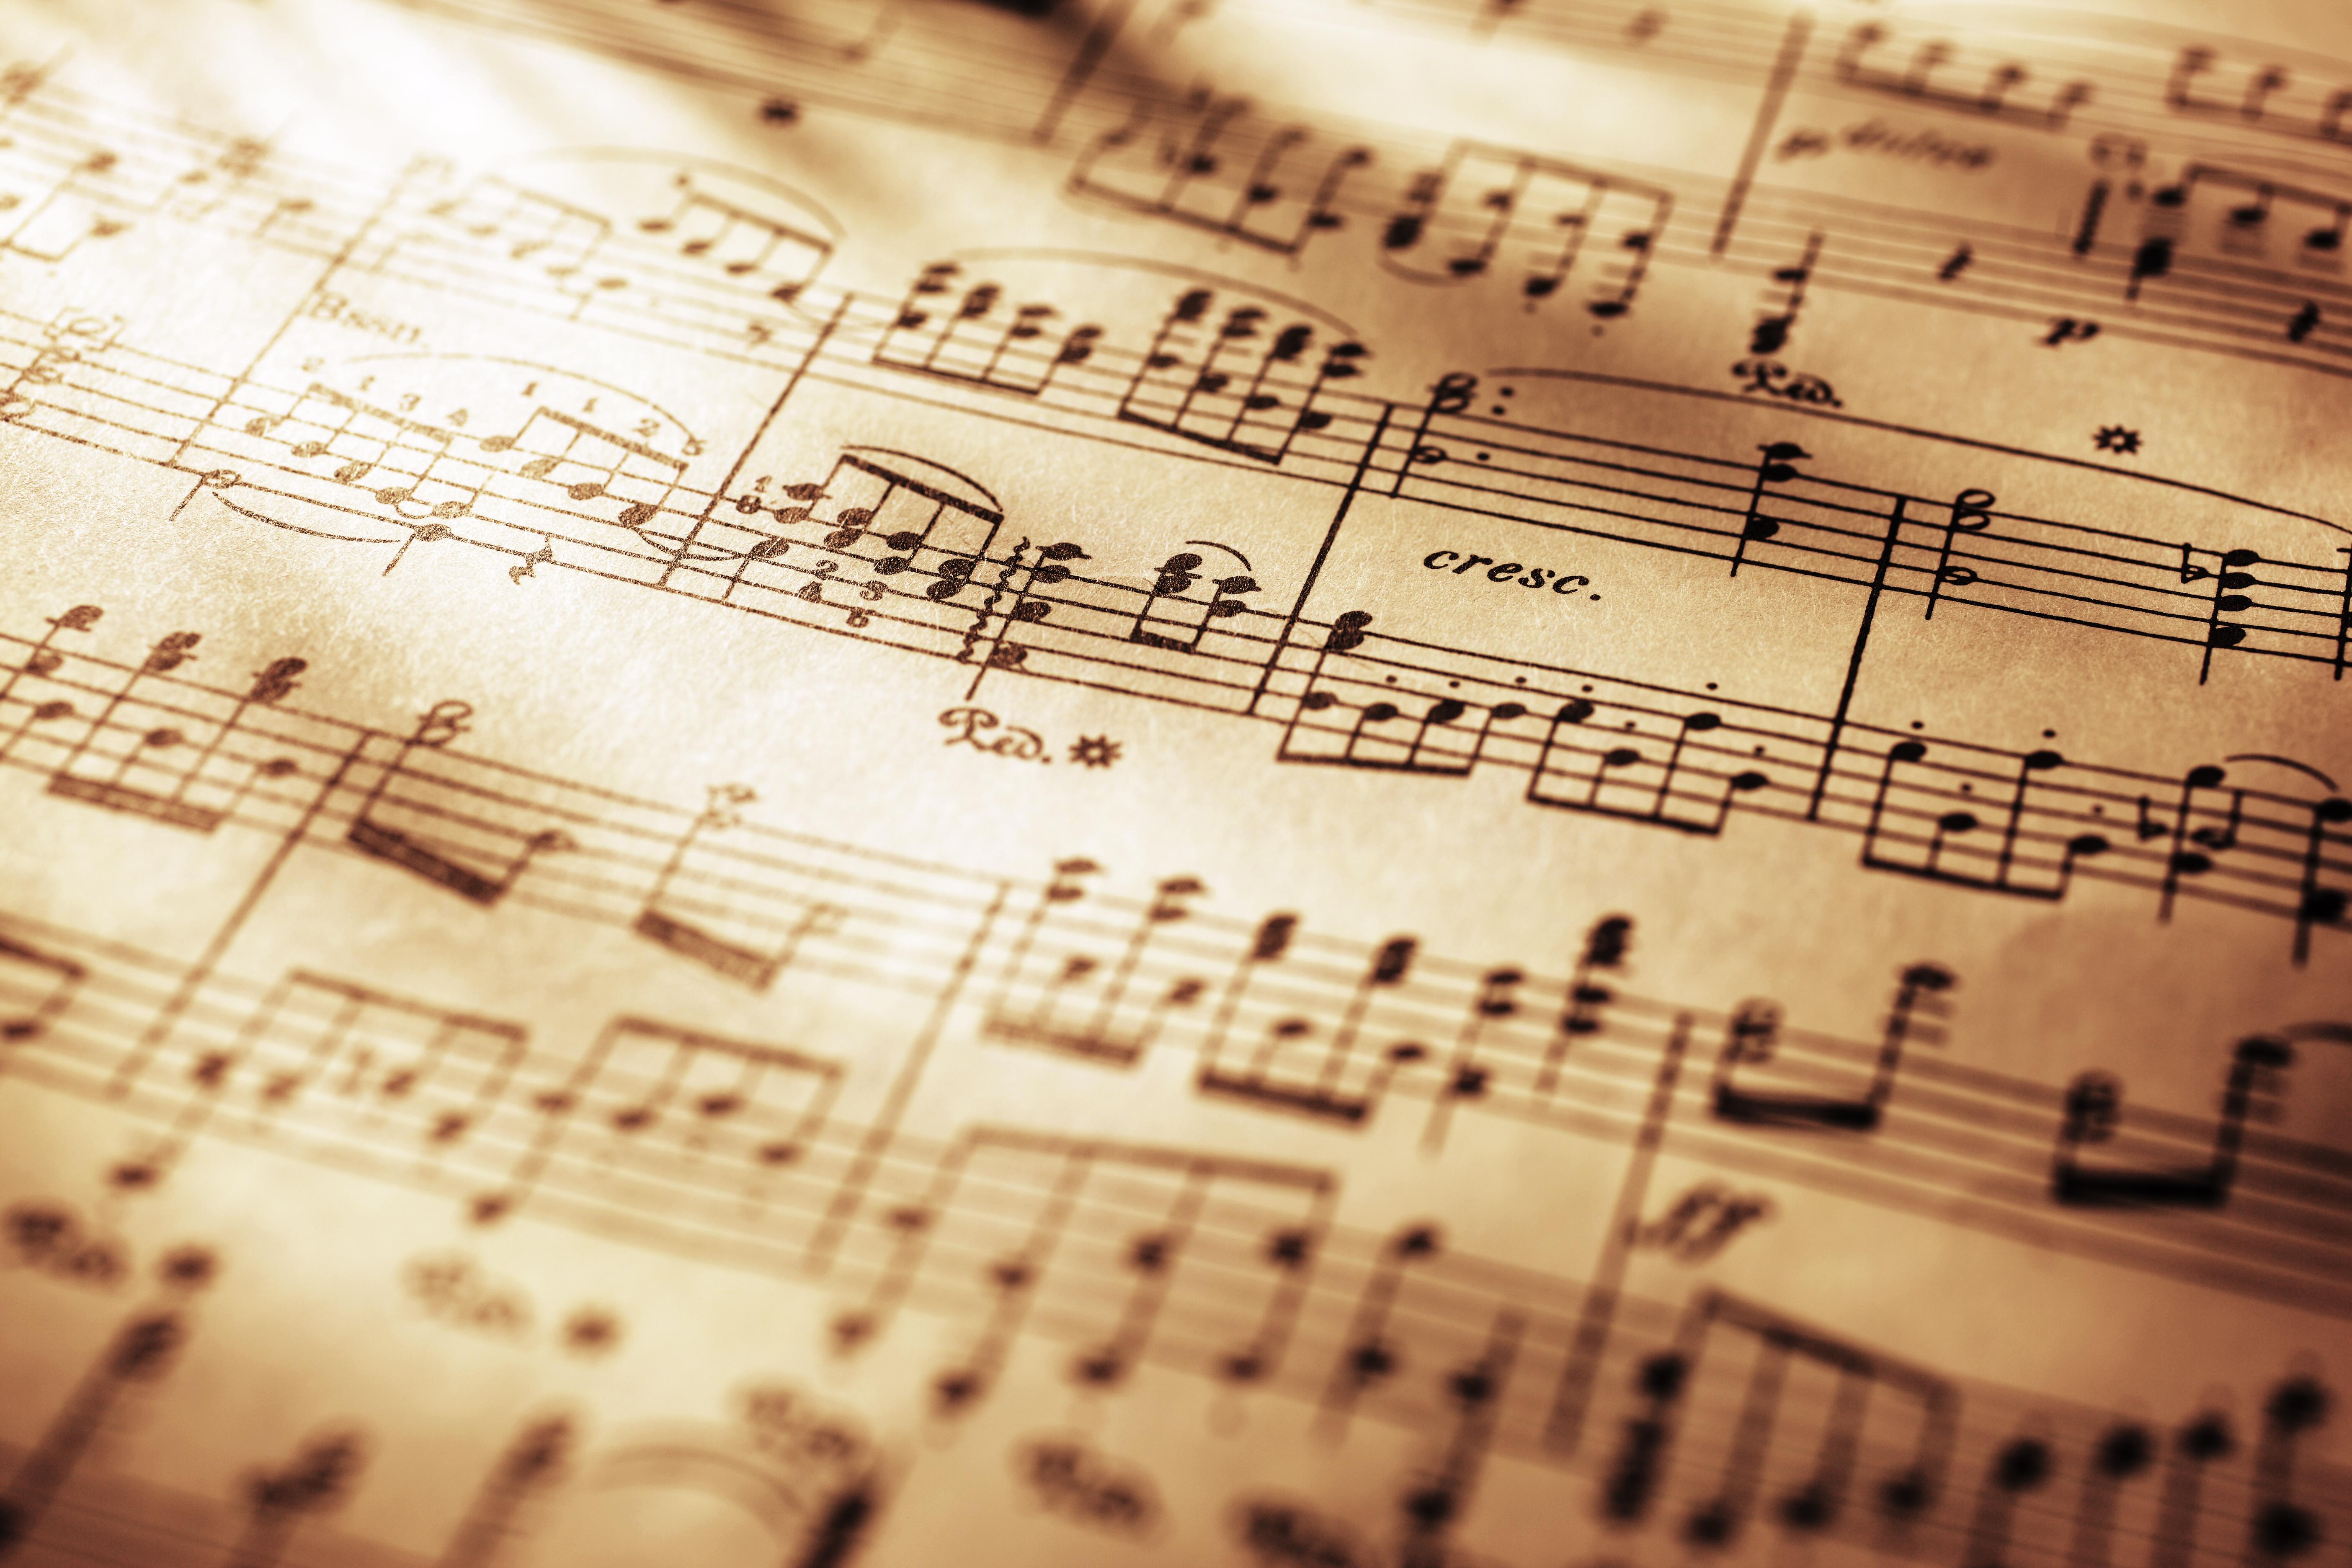 <p>Класическа музика за фон.&nbsp;Музиката в ресторантите може да има голямо въздействие върху клиентите. Класическата музика помага на хората да се отпуснат и да хапнат повече, същото важи и за някои големи магизини, в които се пуска да звучи определена музика, която настройва хората да пазаруват повече.&nbsp;<br /> <br /> <br /> <br /> &nbsp;</p>